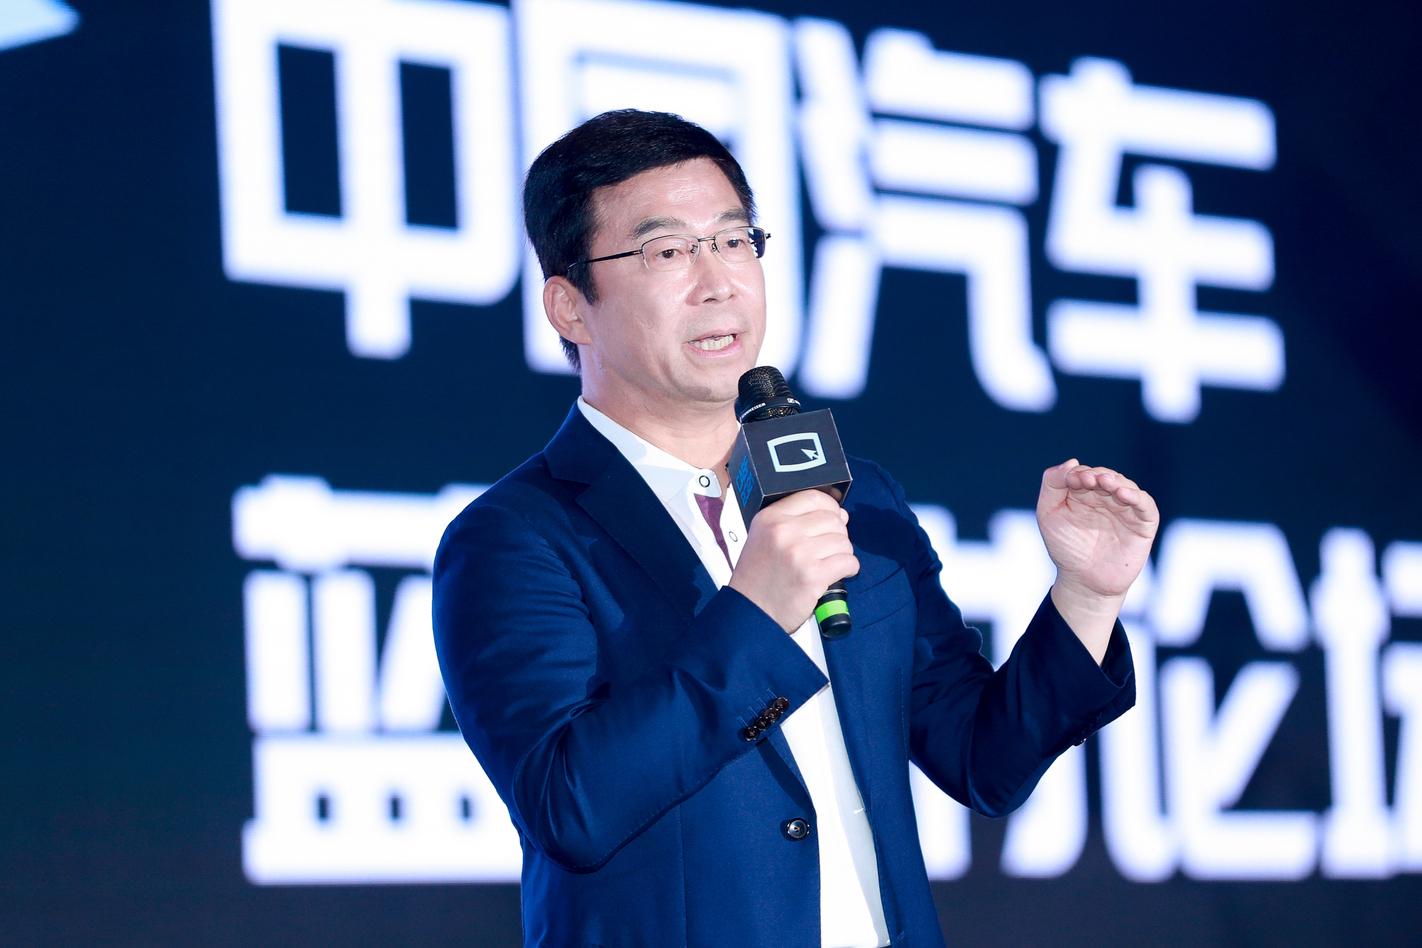 光辉代理快讯丨高合汽车丁磊:现在没有人不是新造车